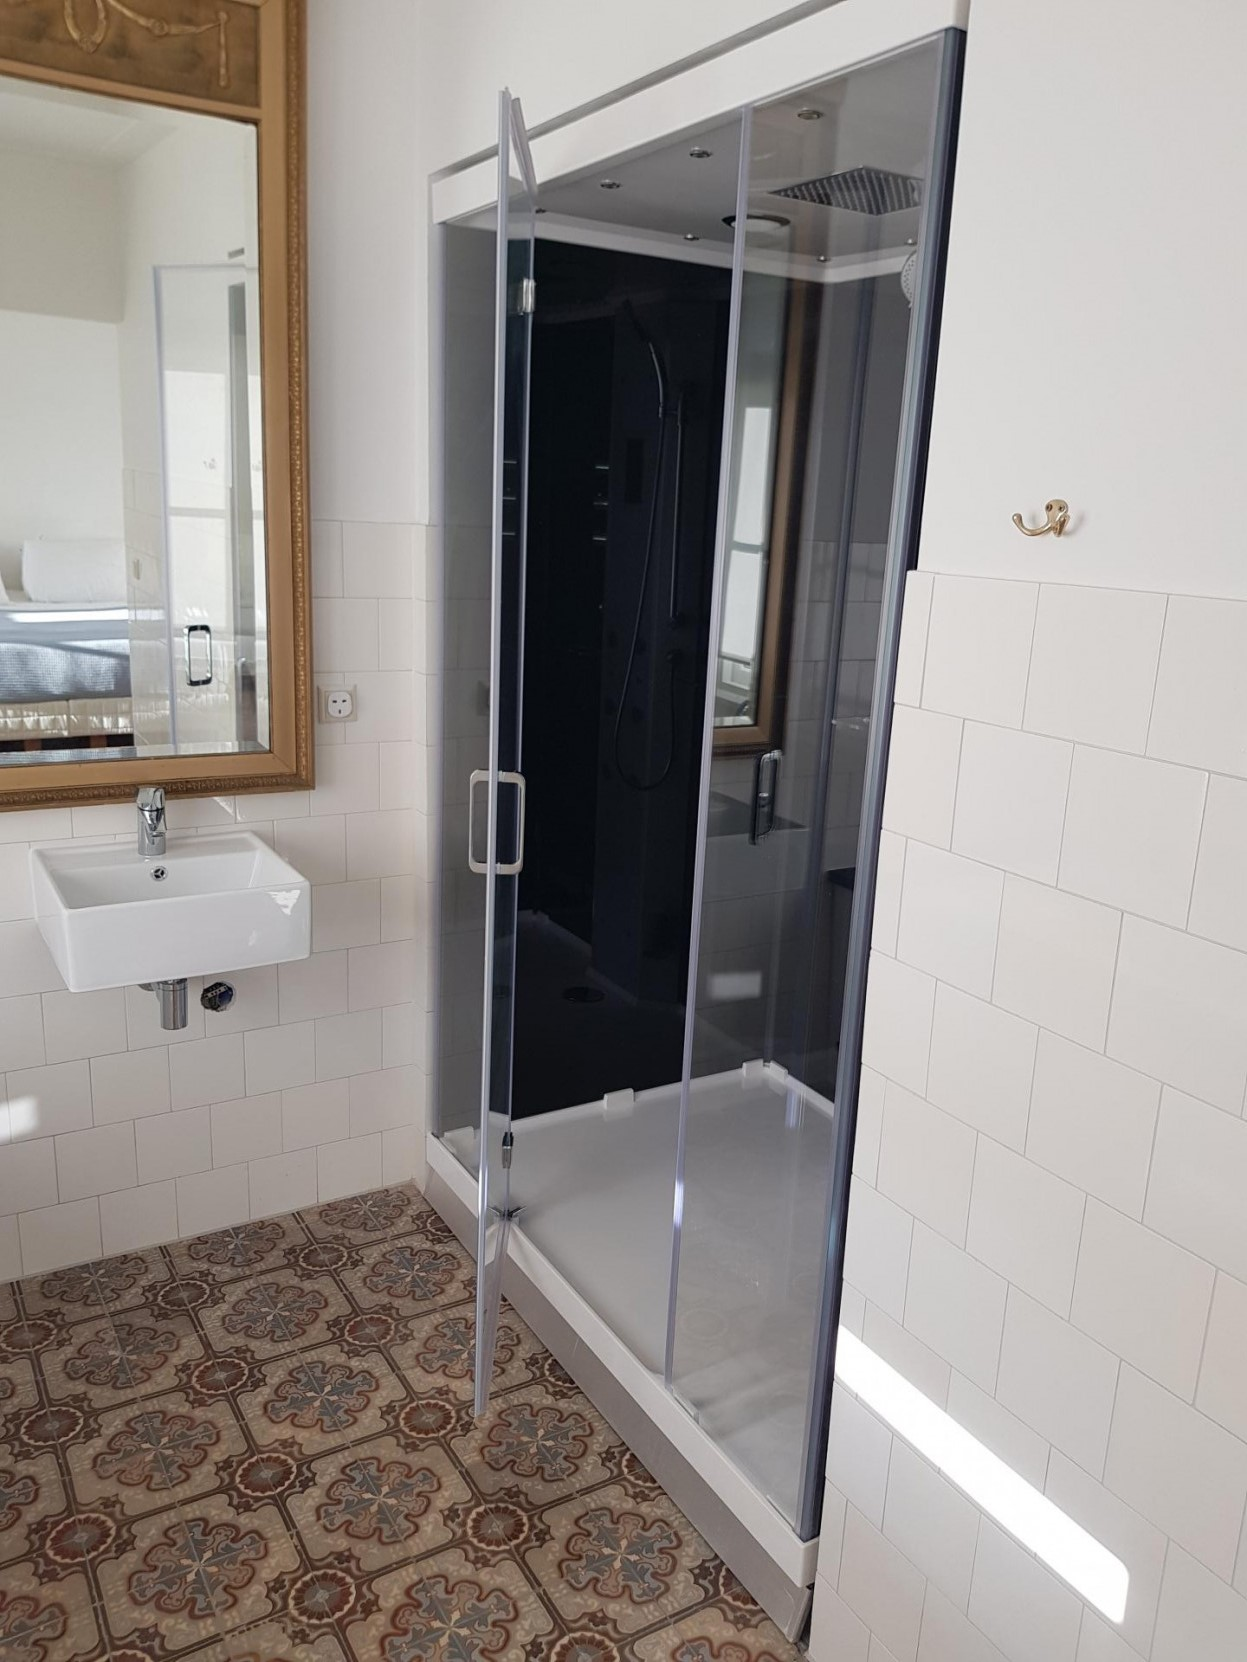 Shower at 21 Haarlemmerplein Apartments, Amsterdam